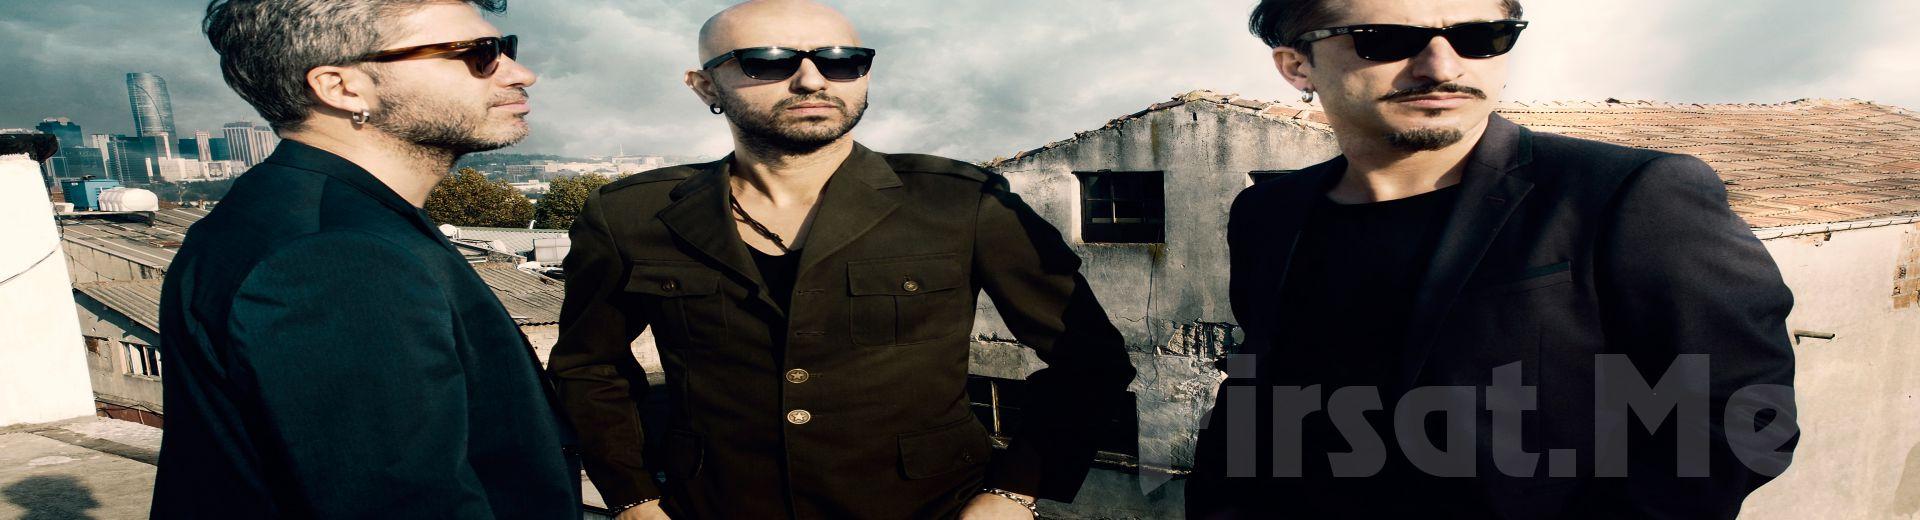 Beyrut Performance Kartal Sahne'de 21 Ekim'de Fastival: Redd, Necati ve Saykolar,Yüksek Sadakat Konser Giriş Bileti !